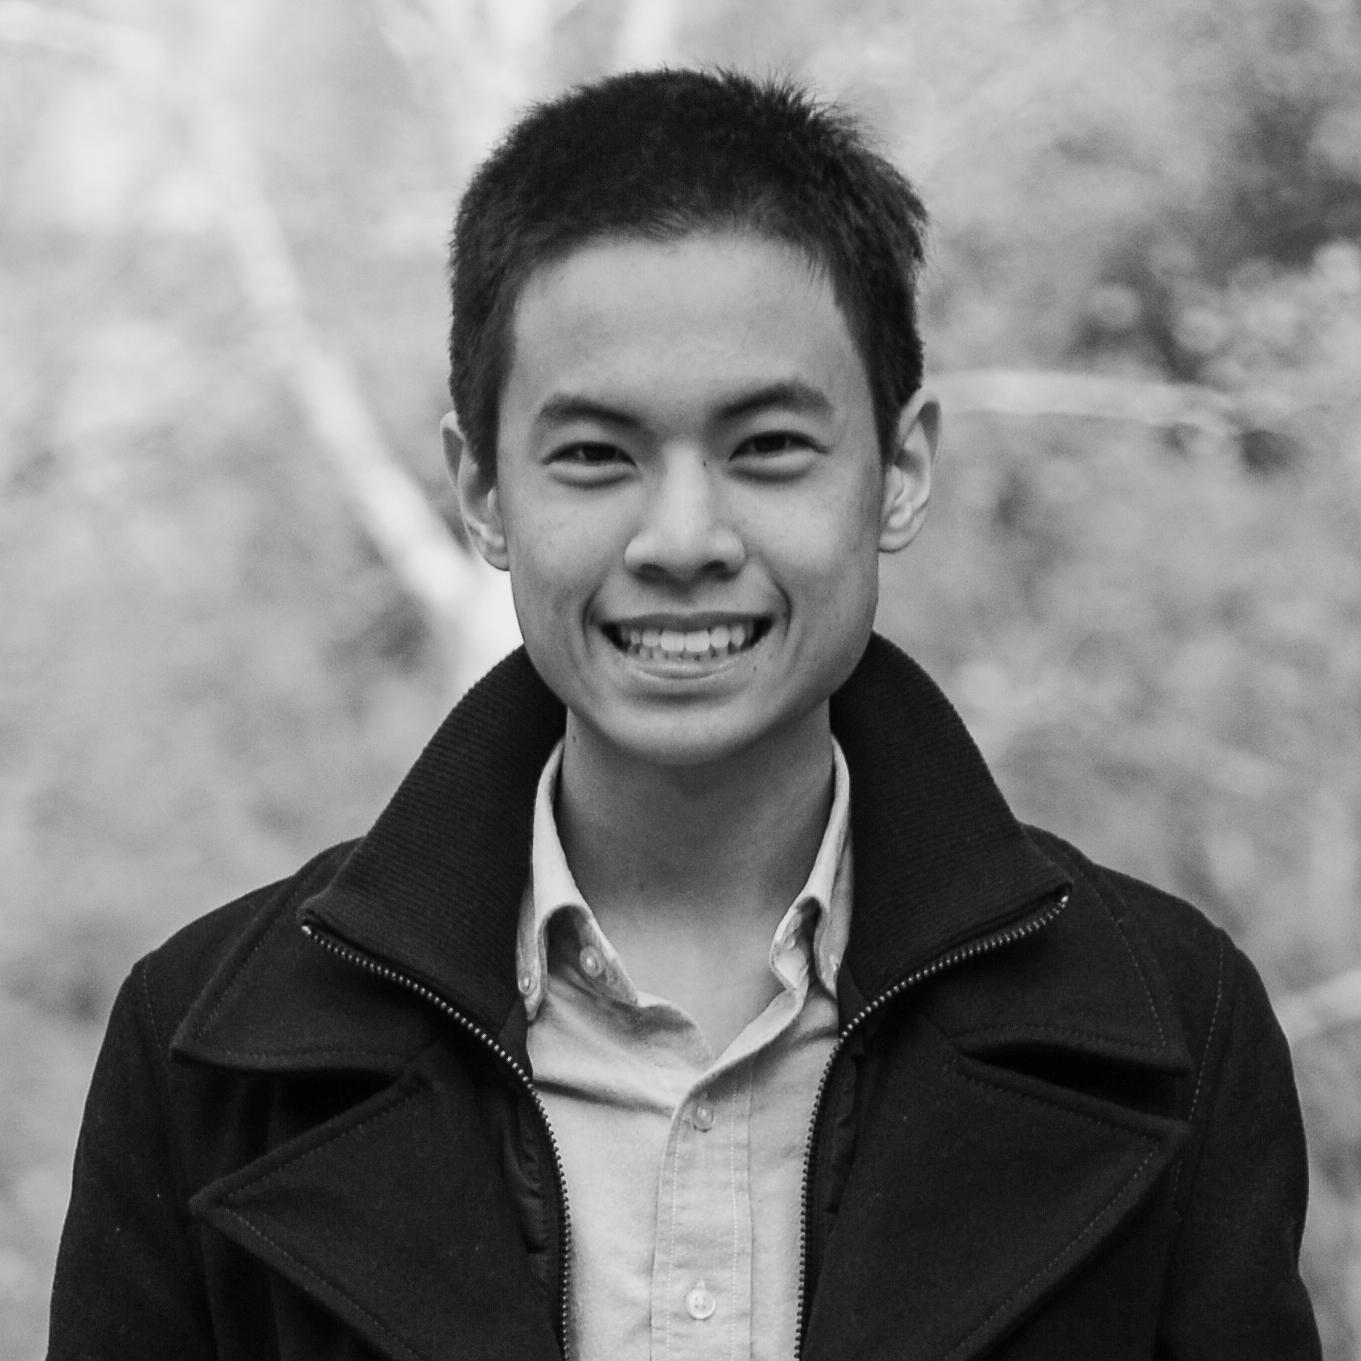 Connor Lin